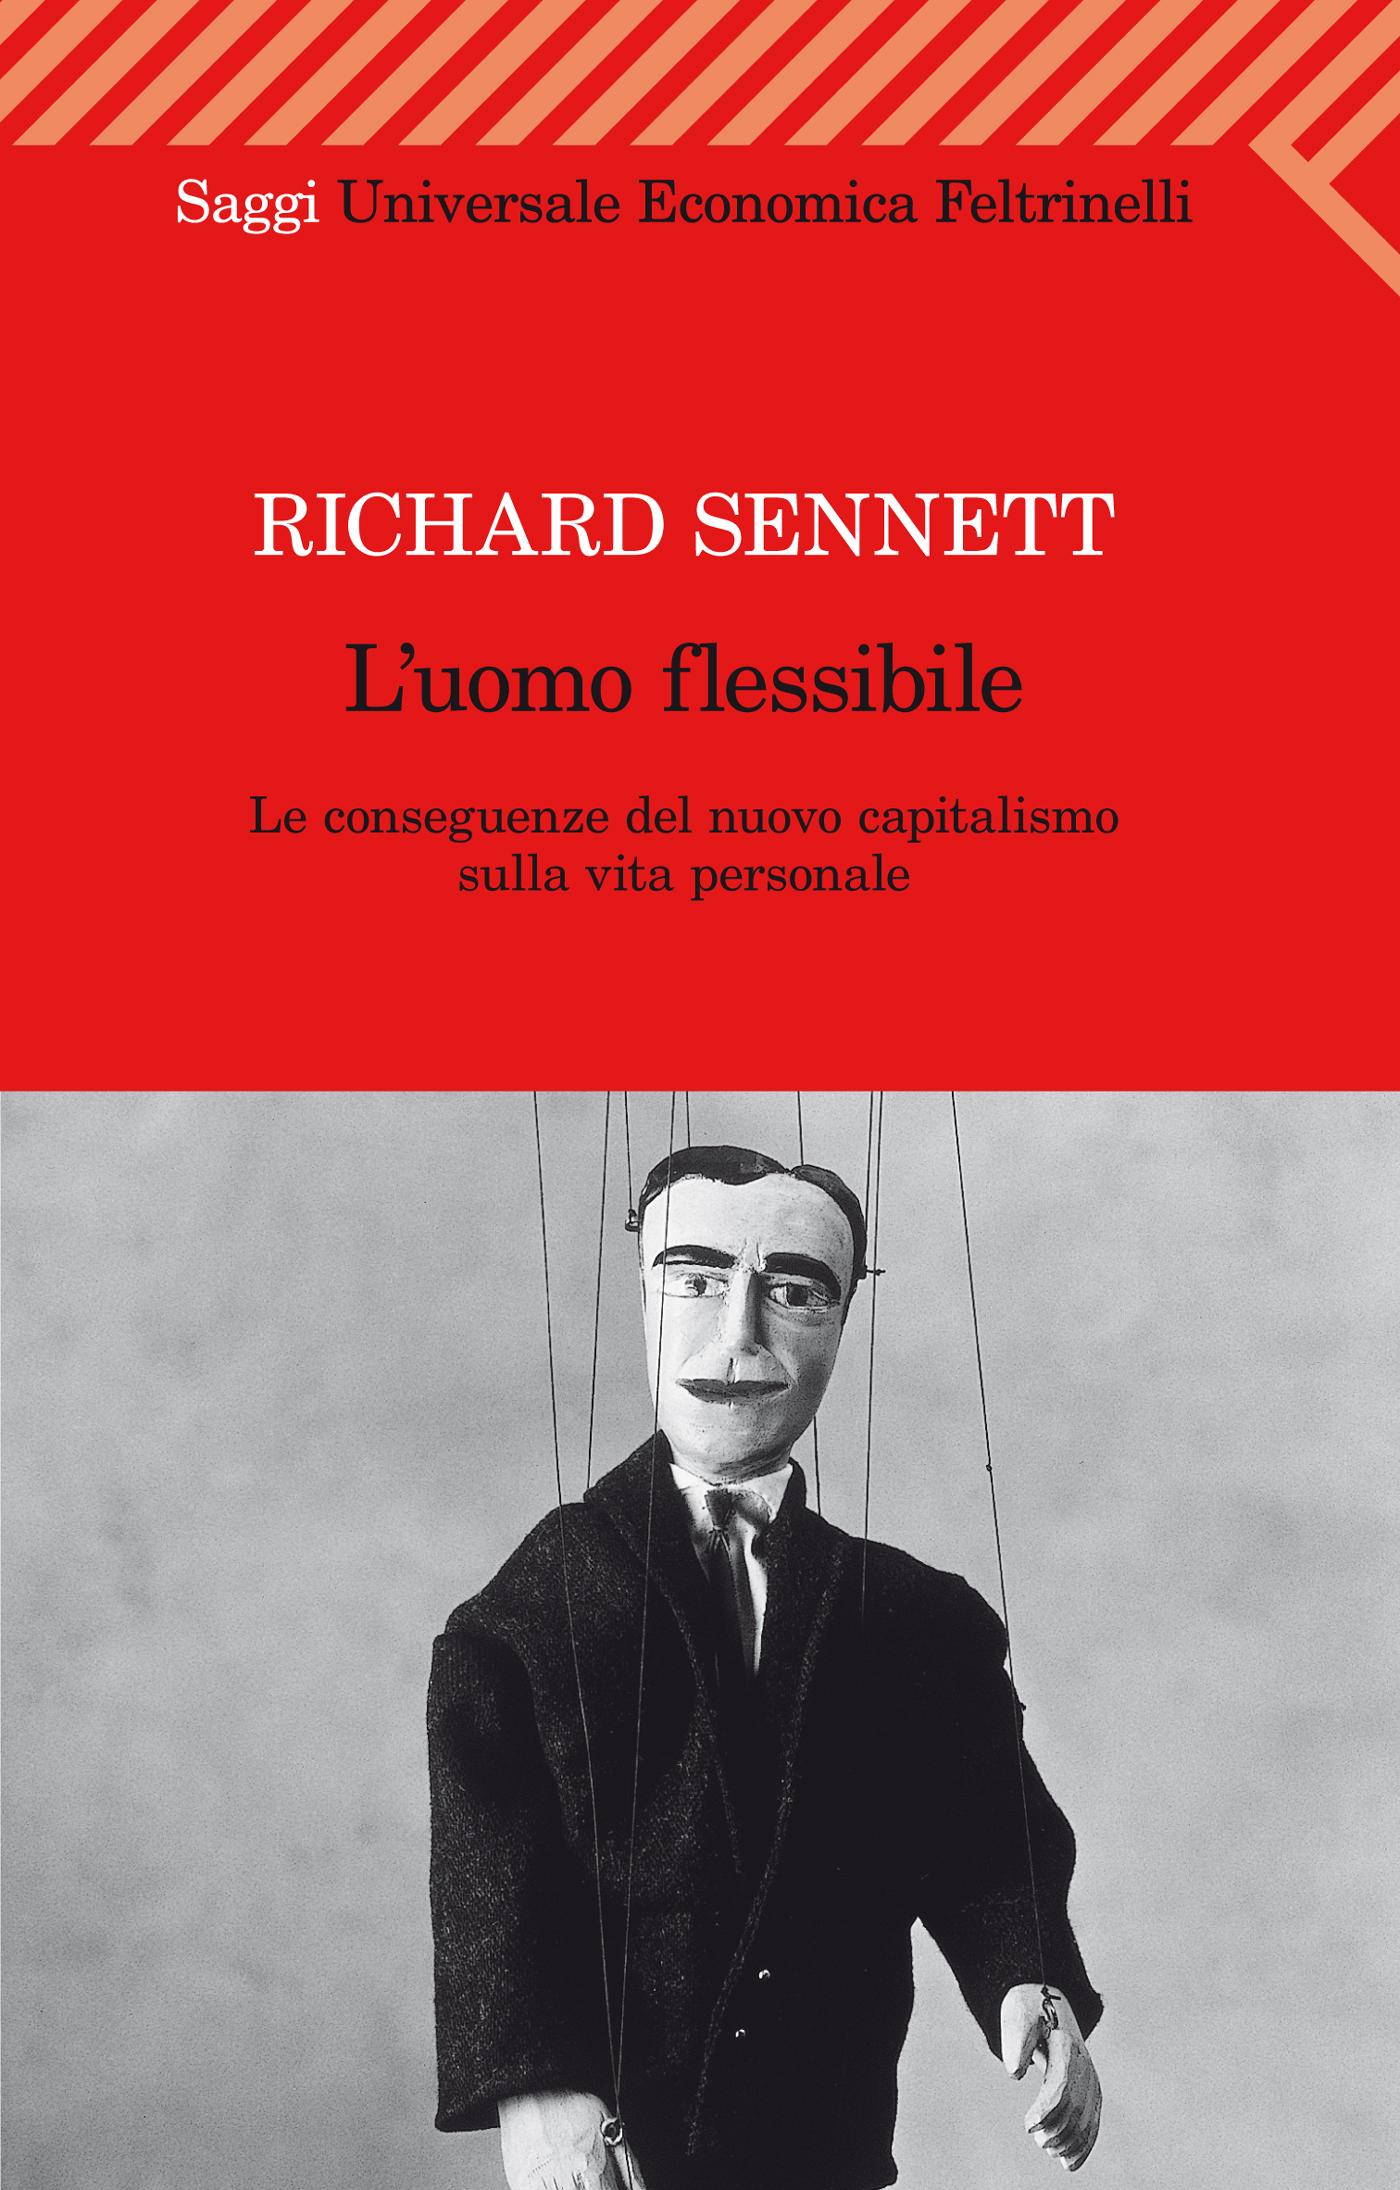 L'uomo flessibile, forse il saggio più importante di Sennett decisamente contro le riflessioni sull'evoluzione della società e del lavoro dei sociologi Rifkin e Bauman